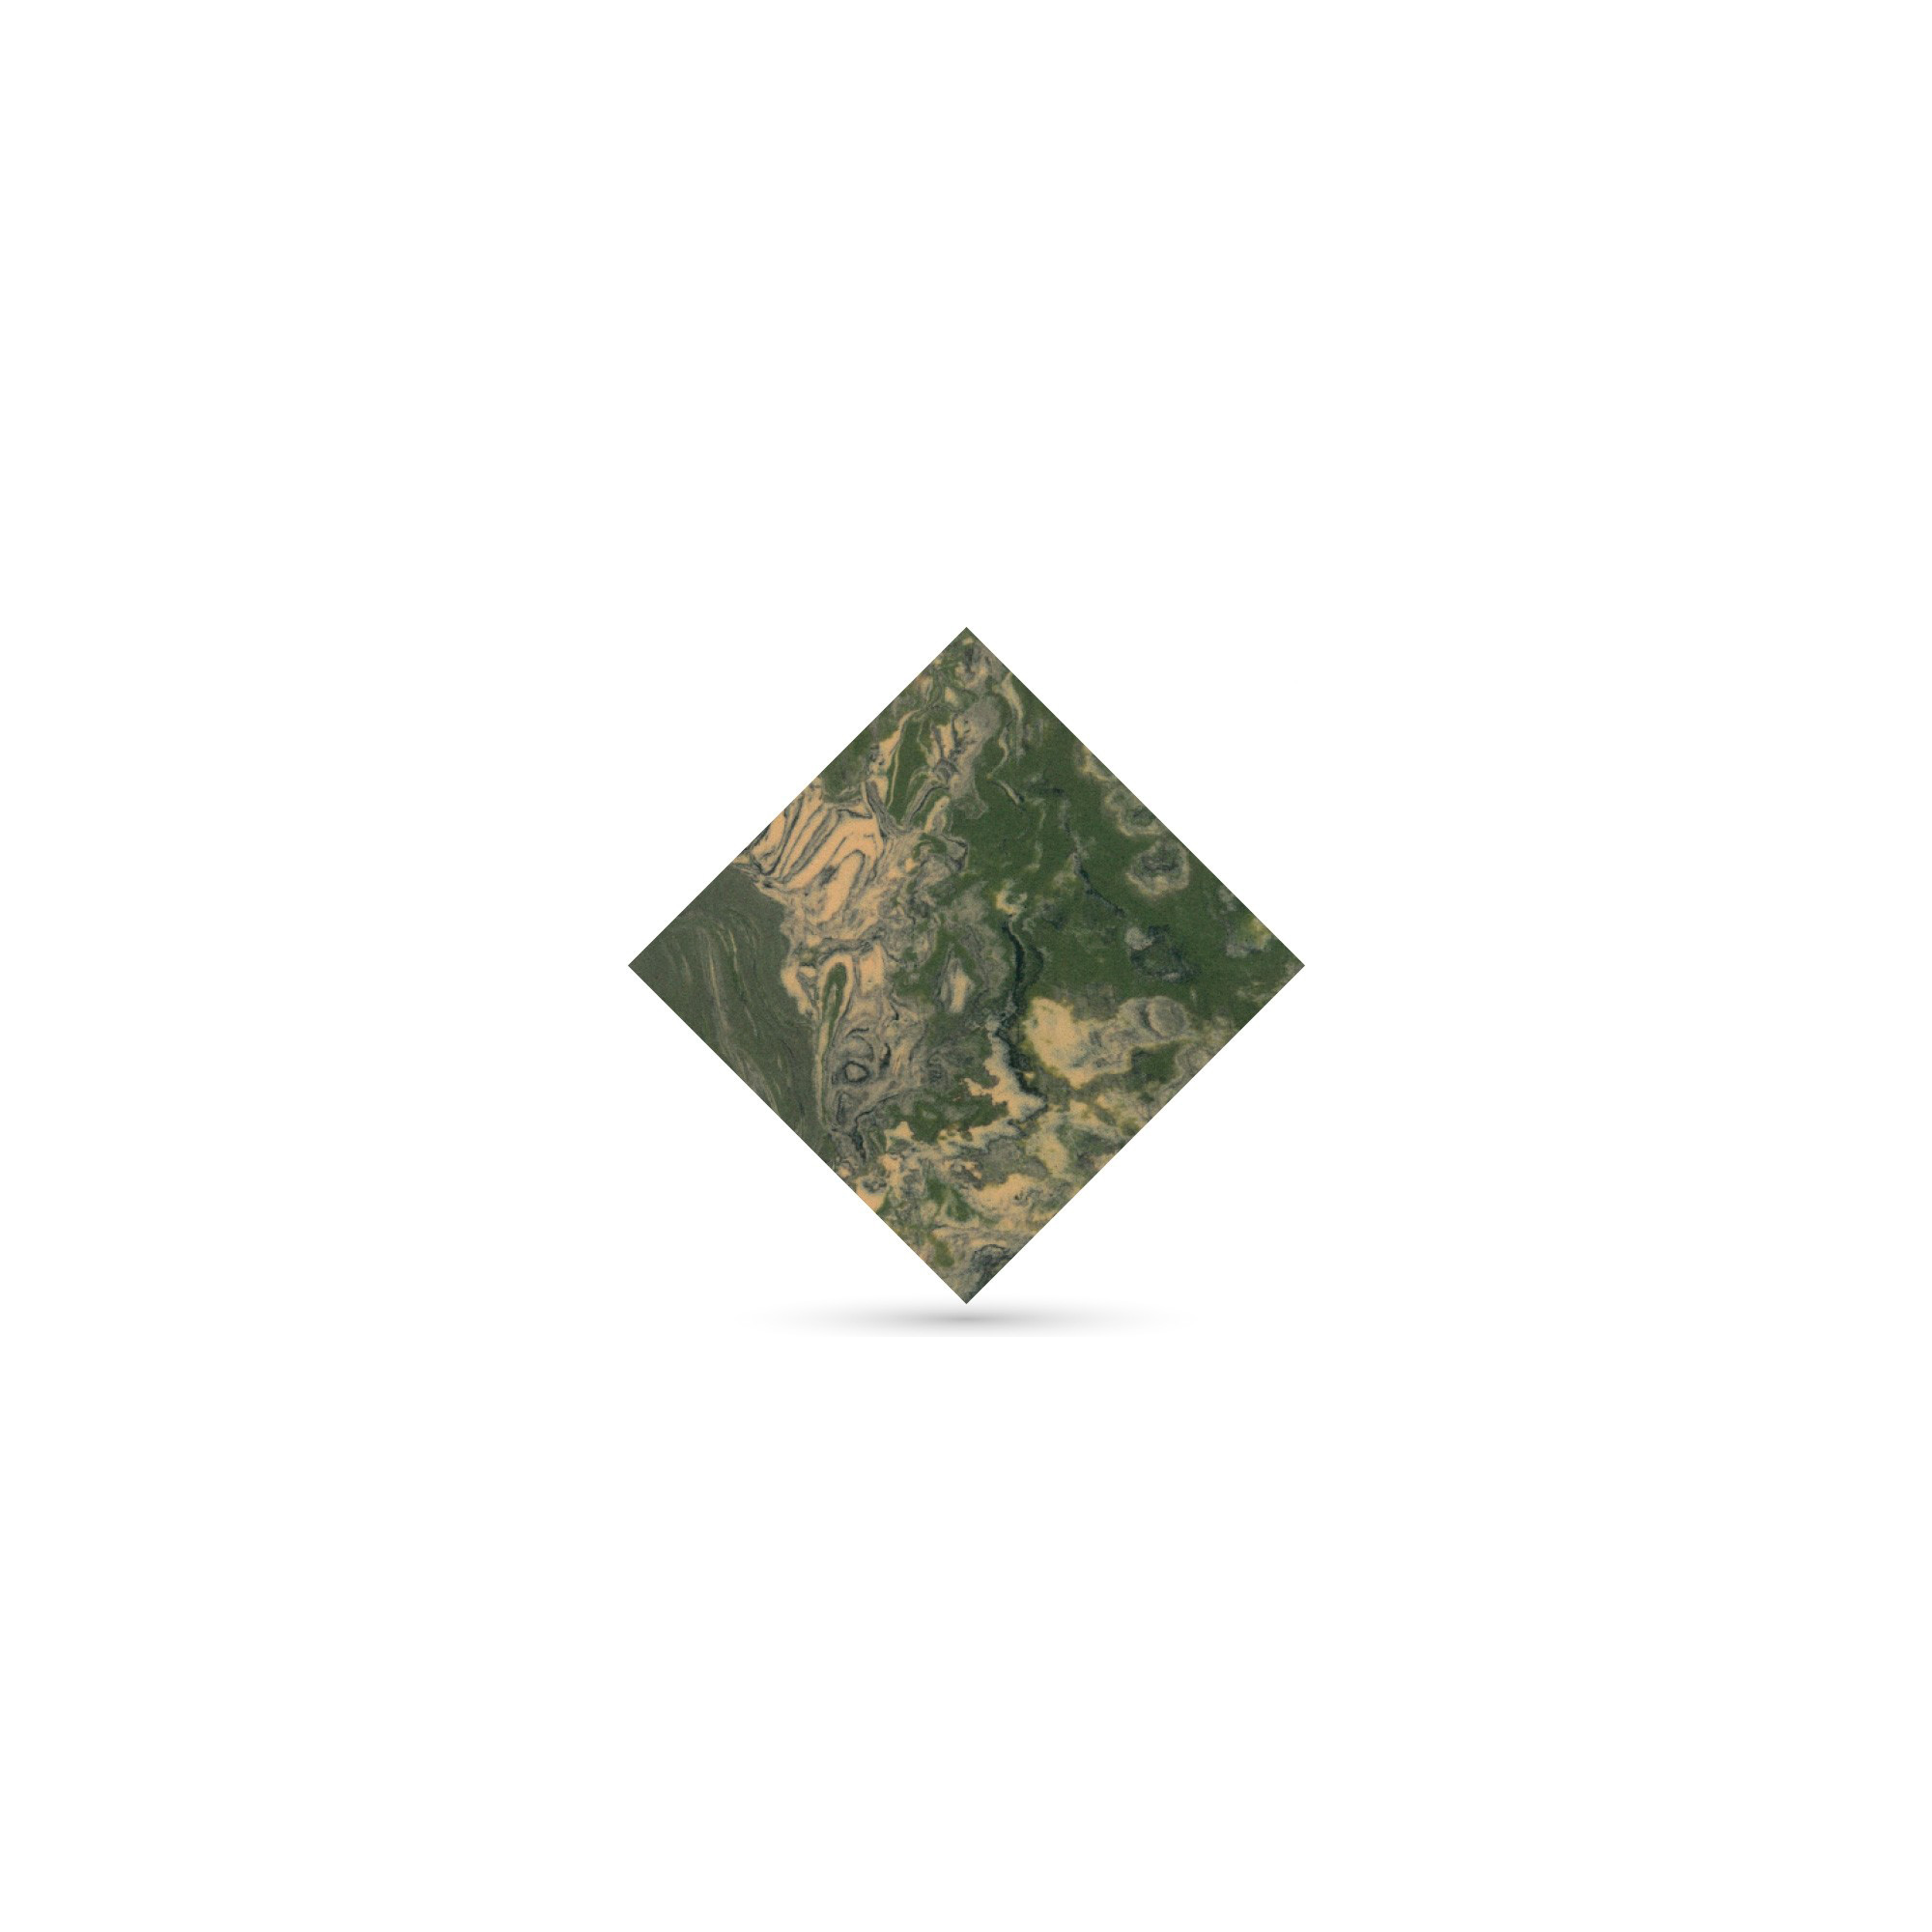 My Camouflage - Shore 30 - EVA